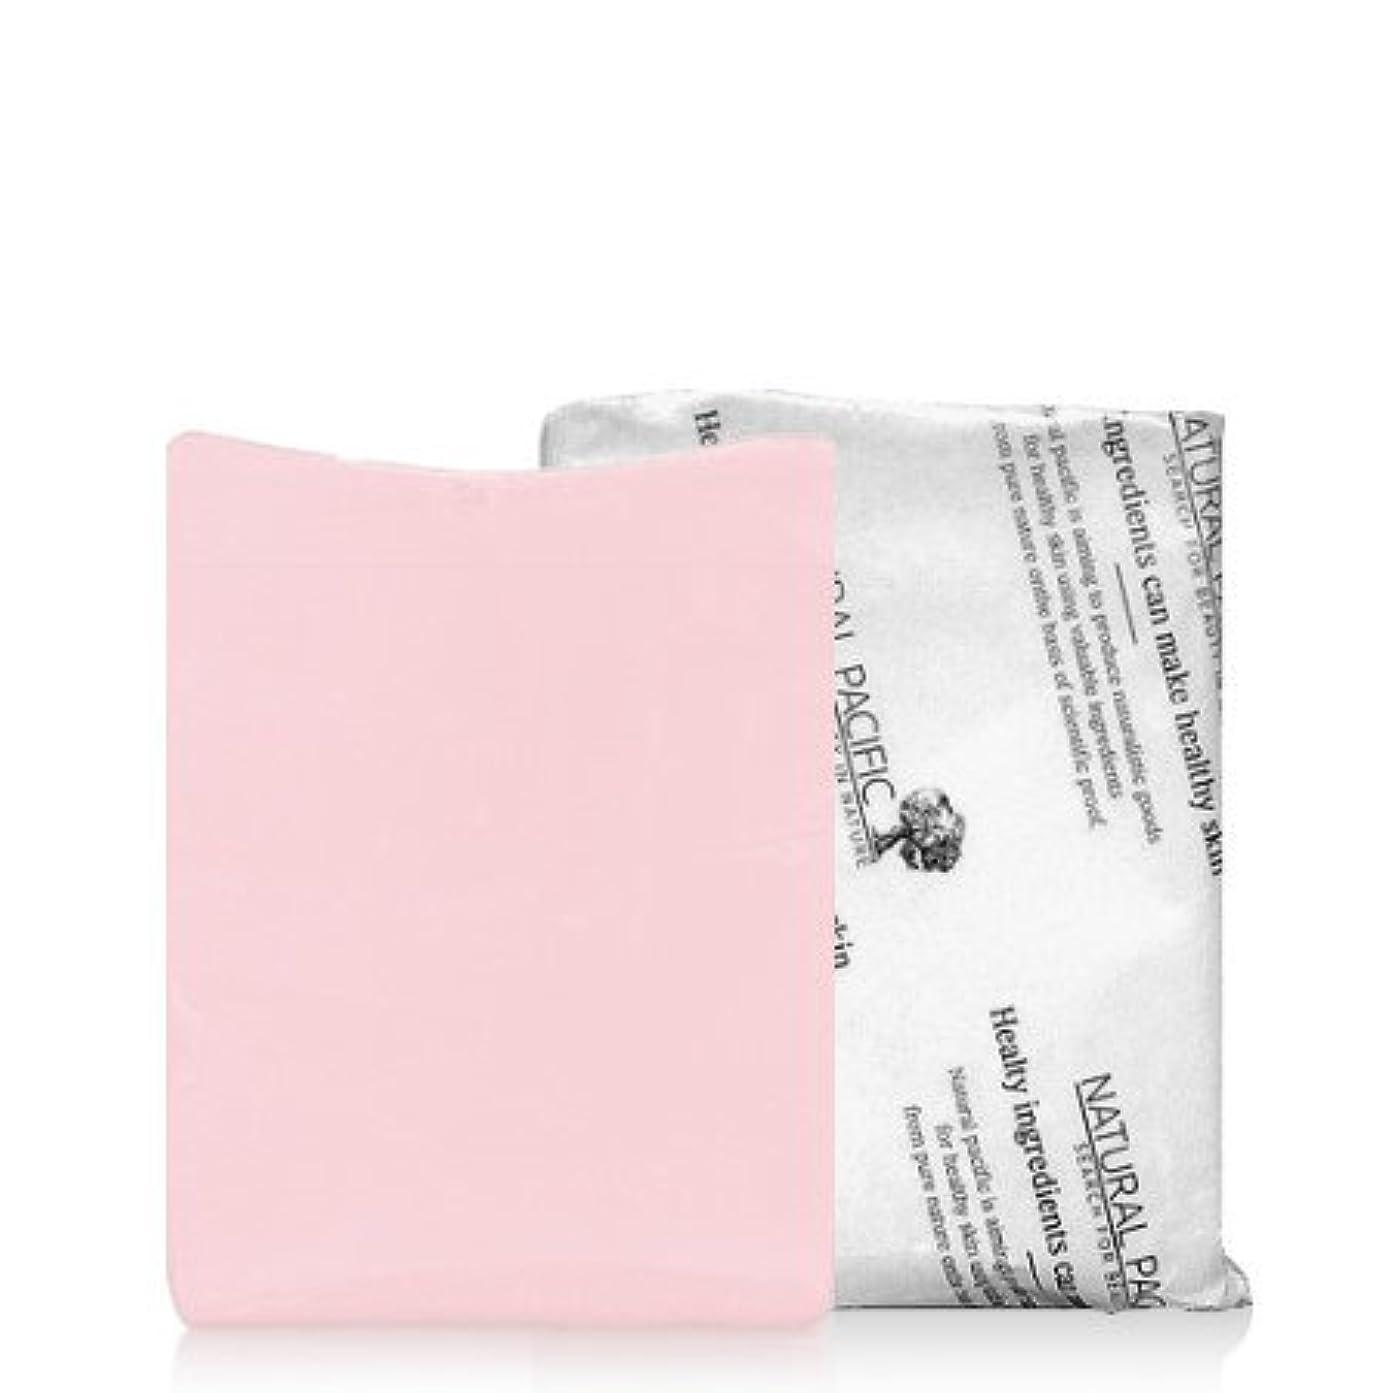 採用バースこのNATURAL PACIFIC Pink Calming Soap/ナチュラルパシフィック ピンク カーミング ソープ (1個) [並行輸入品]